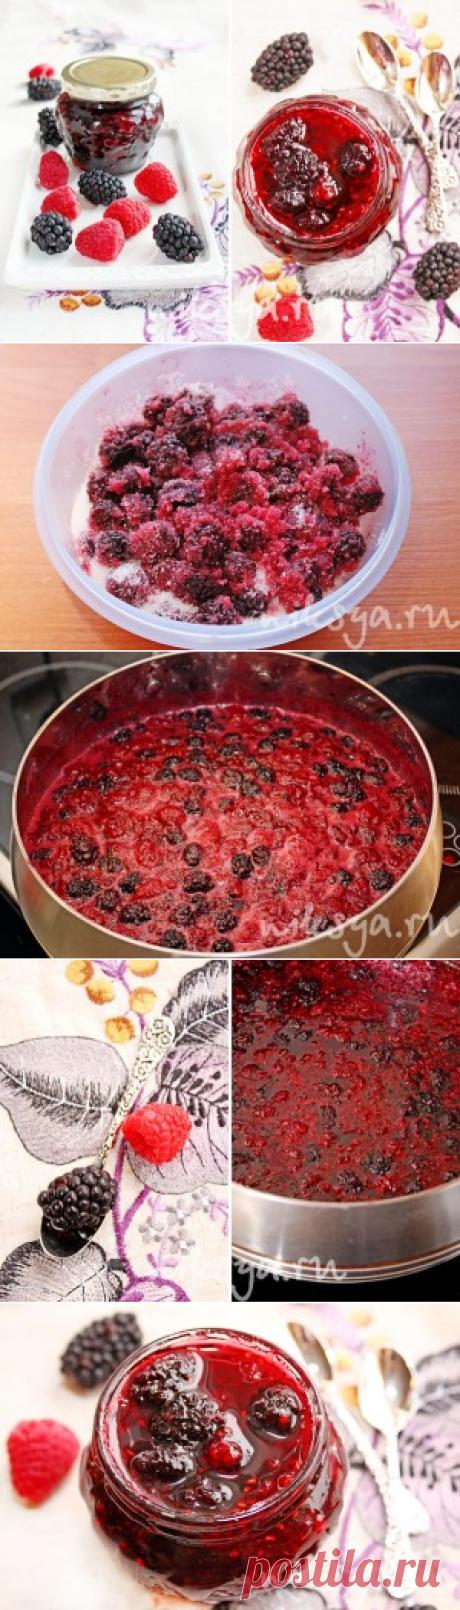 Ежевично-малиновое варенье   Самый вкусный портал Рунета